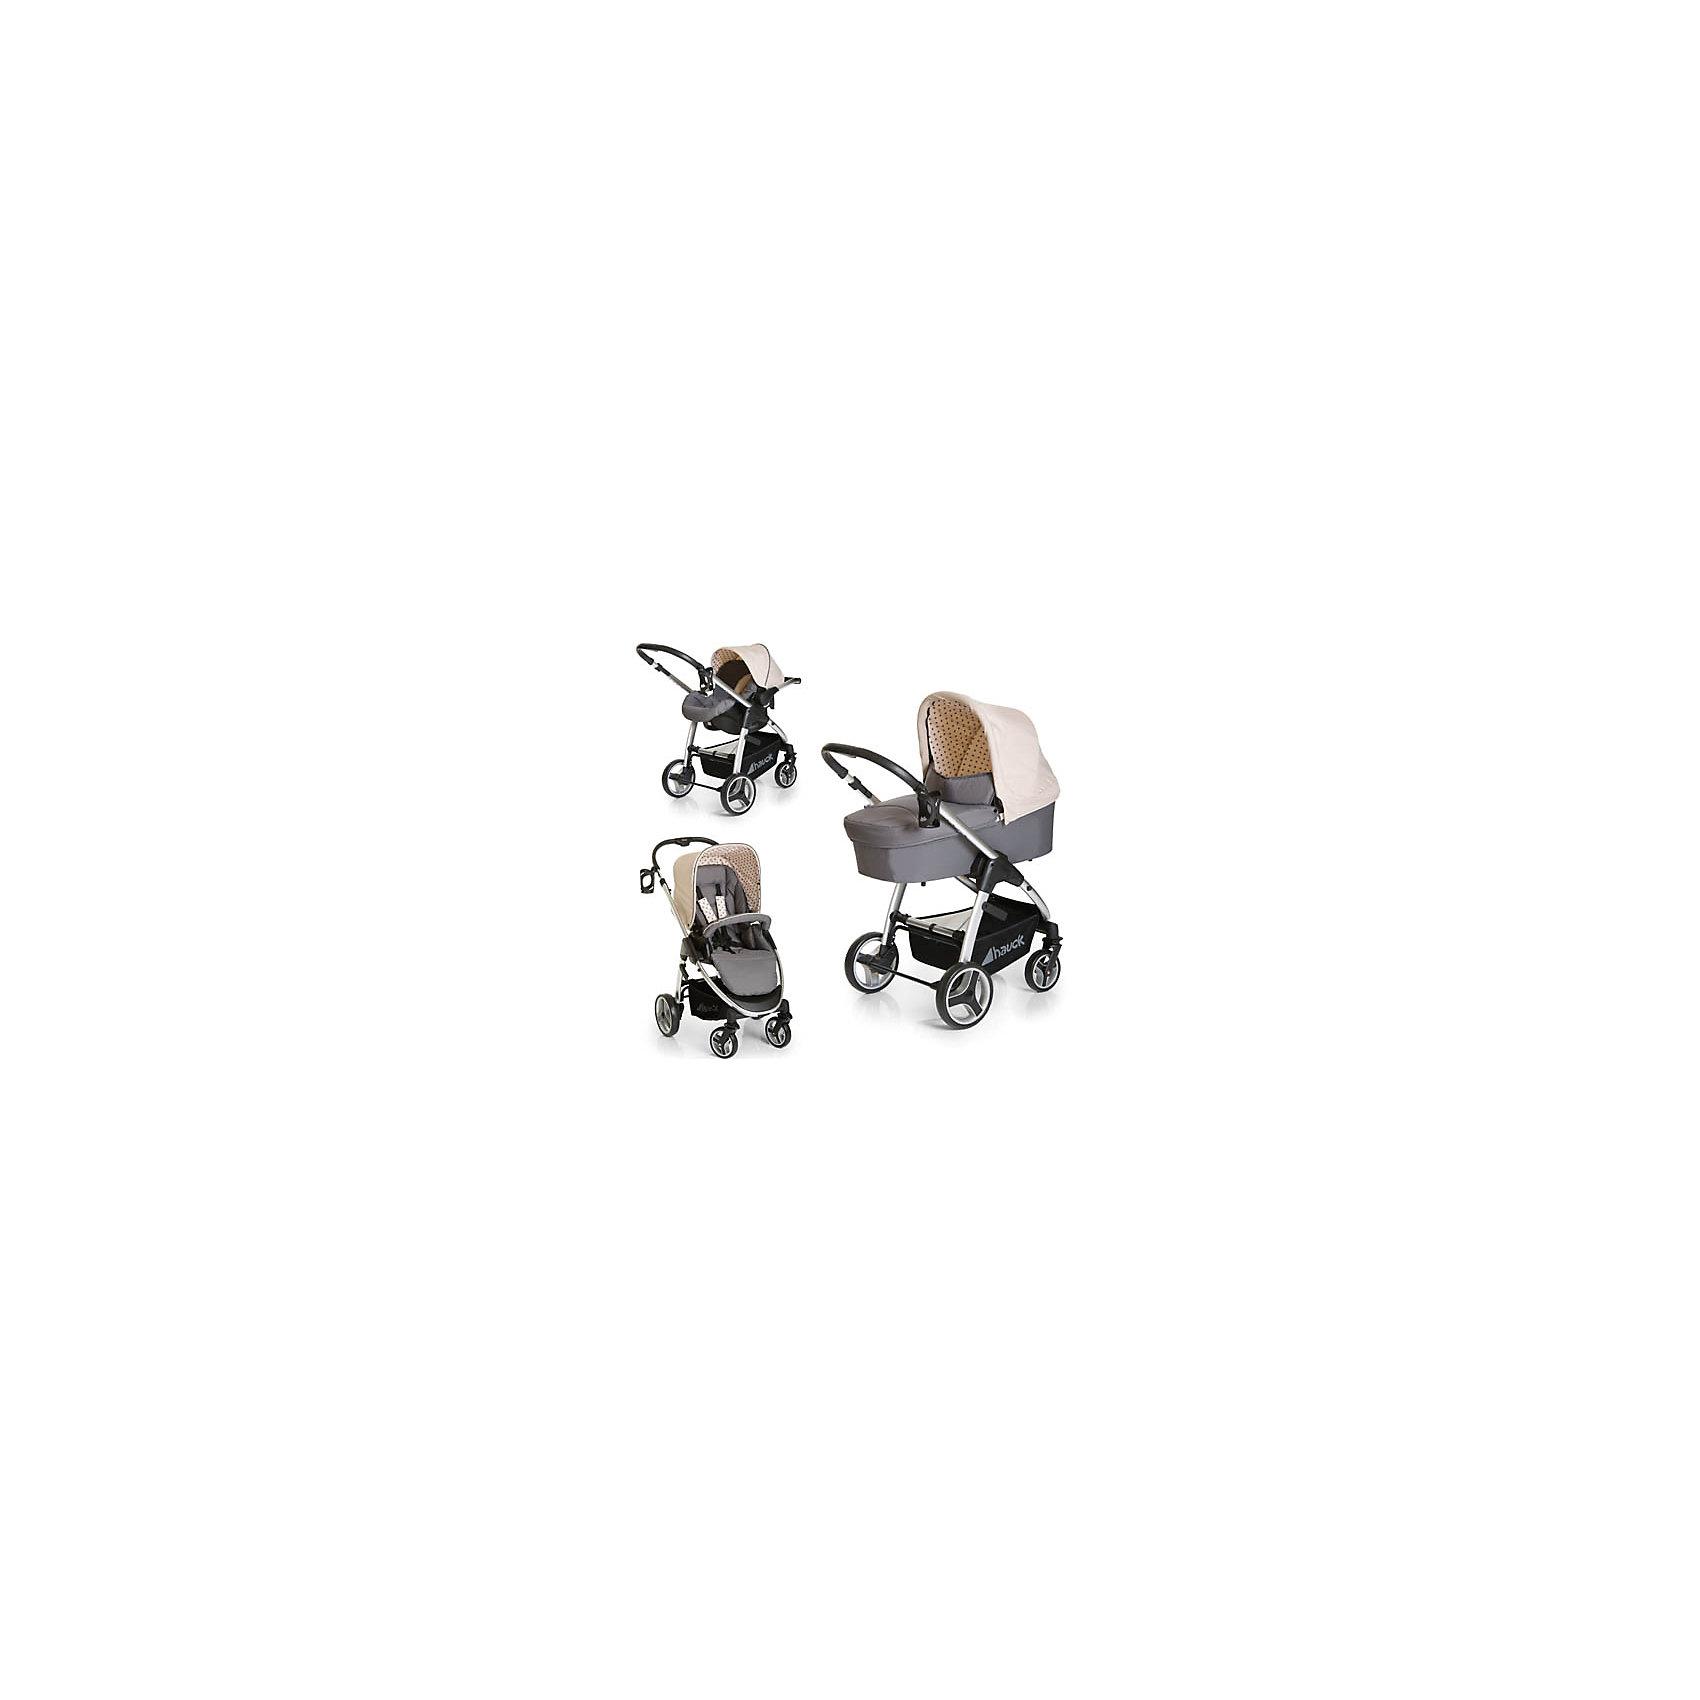 Коляска 3 в 1 Lacrosse Trioset, Hauck, dots greyЛучший первый транспорт для Вашего малыша - коляска 3 в 1  Lacrosse Trioset от известного немецкого бренда Hauck. Данная модель предназначена для использования от 0 до 3 лет, характеризуется настоящим немецким качеством и обладает следующими особенностями:<br>- легкая, маневренная, удобная, безопасная<br>- в комплекте: глубокая уютная люлька, автокресло категории 0+ с вкладышем для новорожденного, 5-точечными ремнями безопасности и защитным капюшоном, прогулочный блок с бампером<br>- удобная телескопическая ручка<br>- прекрасная амортизация<br>- большие съемные колеса, справляющиеся с любой дорогой; передние колеса поворачиваются на 360 градусов, что облегчает маневренность, при желании их можно зафиксировать <br>- легкая и прочная алюминиевая рама<br>- люлька и автолюлька крепятся к раме с помощью системы  Easy-Fix<br>- прогулочный блок можно установить лицом к маме и лицом от мамы<br>- большой капюшон надежно защищает от солнца и непогоды<br>- вместительная корзина для покупок<br>- удобный ножной тормоз на задней оси<br>- стильная накидка на ноги<br>- нежная расцветка dots grey.<br>Великолепный выбор для самого любимого малыша!<br><br>Дополнительная информация:<br>- вес рамы: 7,4 кг<br>- вес коляски: 11,7 кг<br>- размеры в сложенном виде: 85 x 63 x 34 cm<br>- размеры в собранном виде: 86 x 63 x 104 cm<br>- внутренние размеры люльки: 76 x 33 x 19 cm<br>- ширина сиденья: 30 cm<br>- прогулочный блок имеет горизонтальное положение, длина: 90 cm<br>- ширина автокресла: 25 cm<br>- высота для прогулочного блока: 49 cm<br>- диаметр задних колес: 23 cm<br>- диаметр передних колес: 16 cm<br>- телескопическая ручка имеет 3 положения и регулируется по высоте 98 -105 cм<br>- размер упаковки: 56 x 56 x 91 cm<br>- вес упаковки: 25,2 kg<br><br>Коляску 3 в 1 Lacrosse Trioset, Hauck, dots grey можно купить в нашем магазине<br><br>Ширина мм: 560<br>Глубина мм: 560<br>Высота мм: 910<br>Вес г: 25200<br>Возраст от месяцев: 0<br>Возраст до